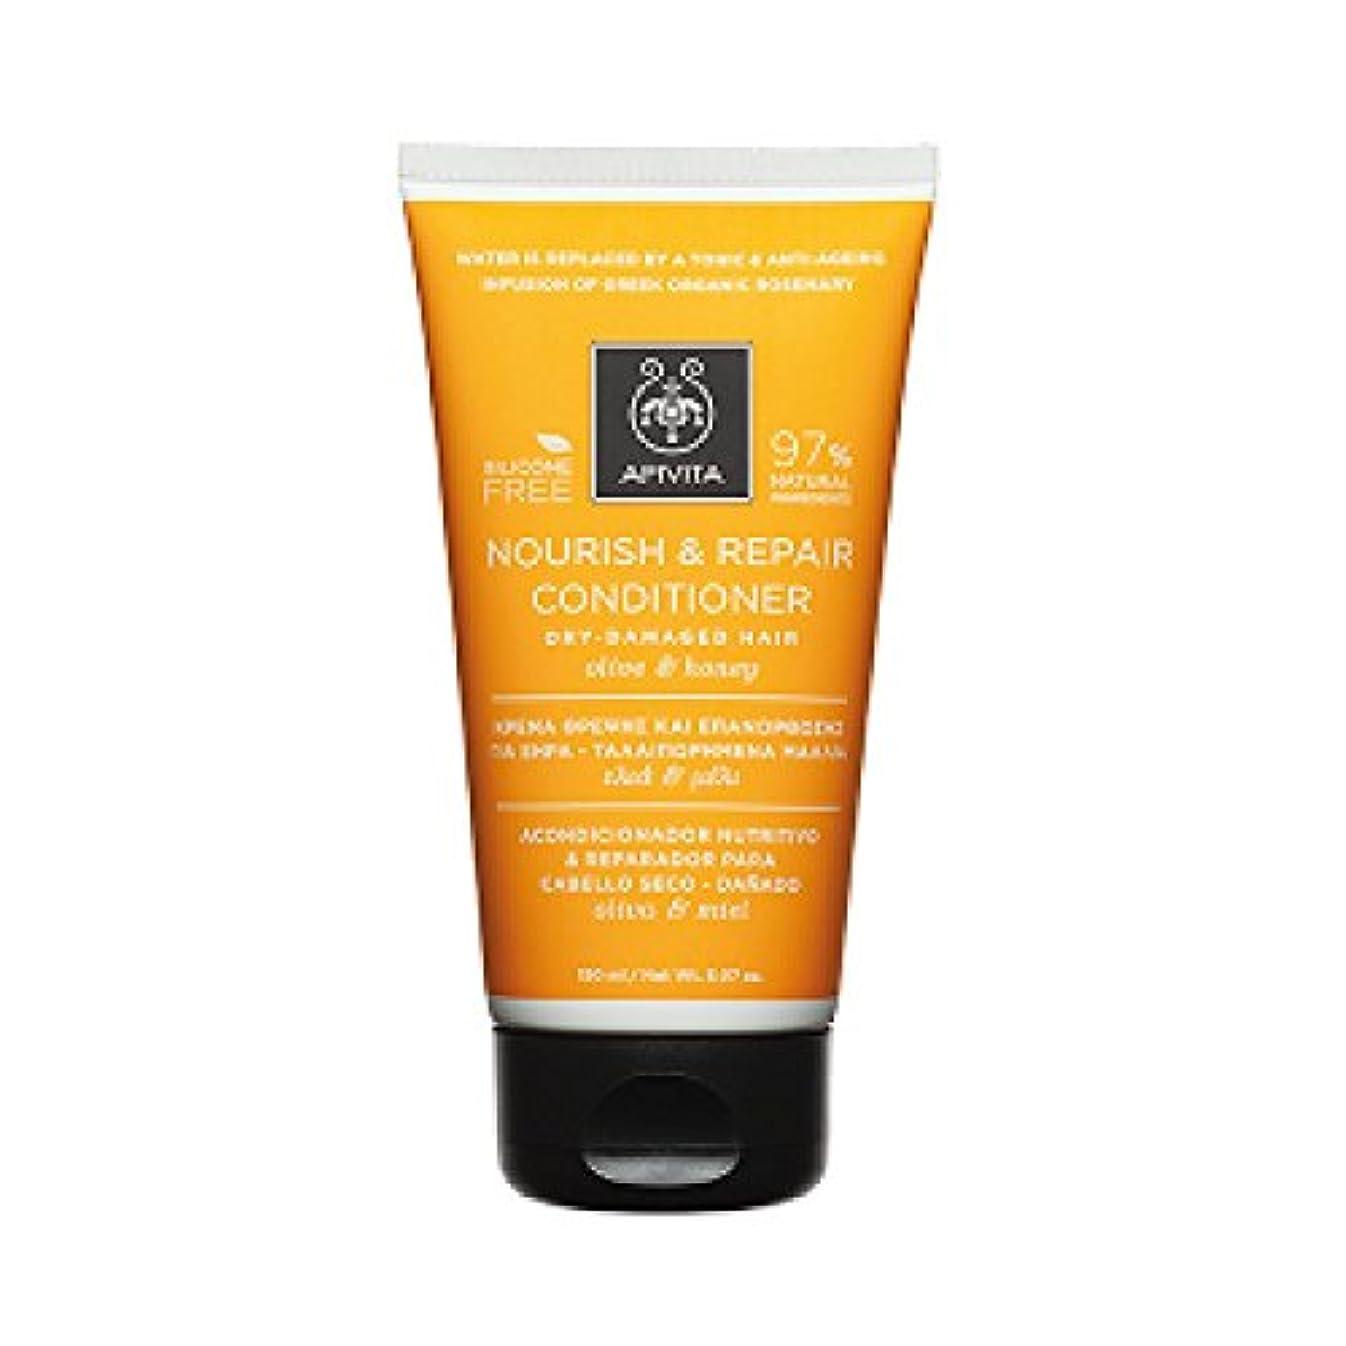 規定モンキー米ドルアピヴィータ Nourish & Repair Conditioner with Olive & Honey (For Dry-Damaged Hair) 150ml [並行輸入品]